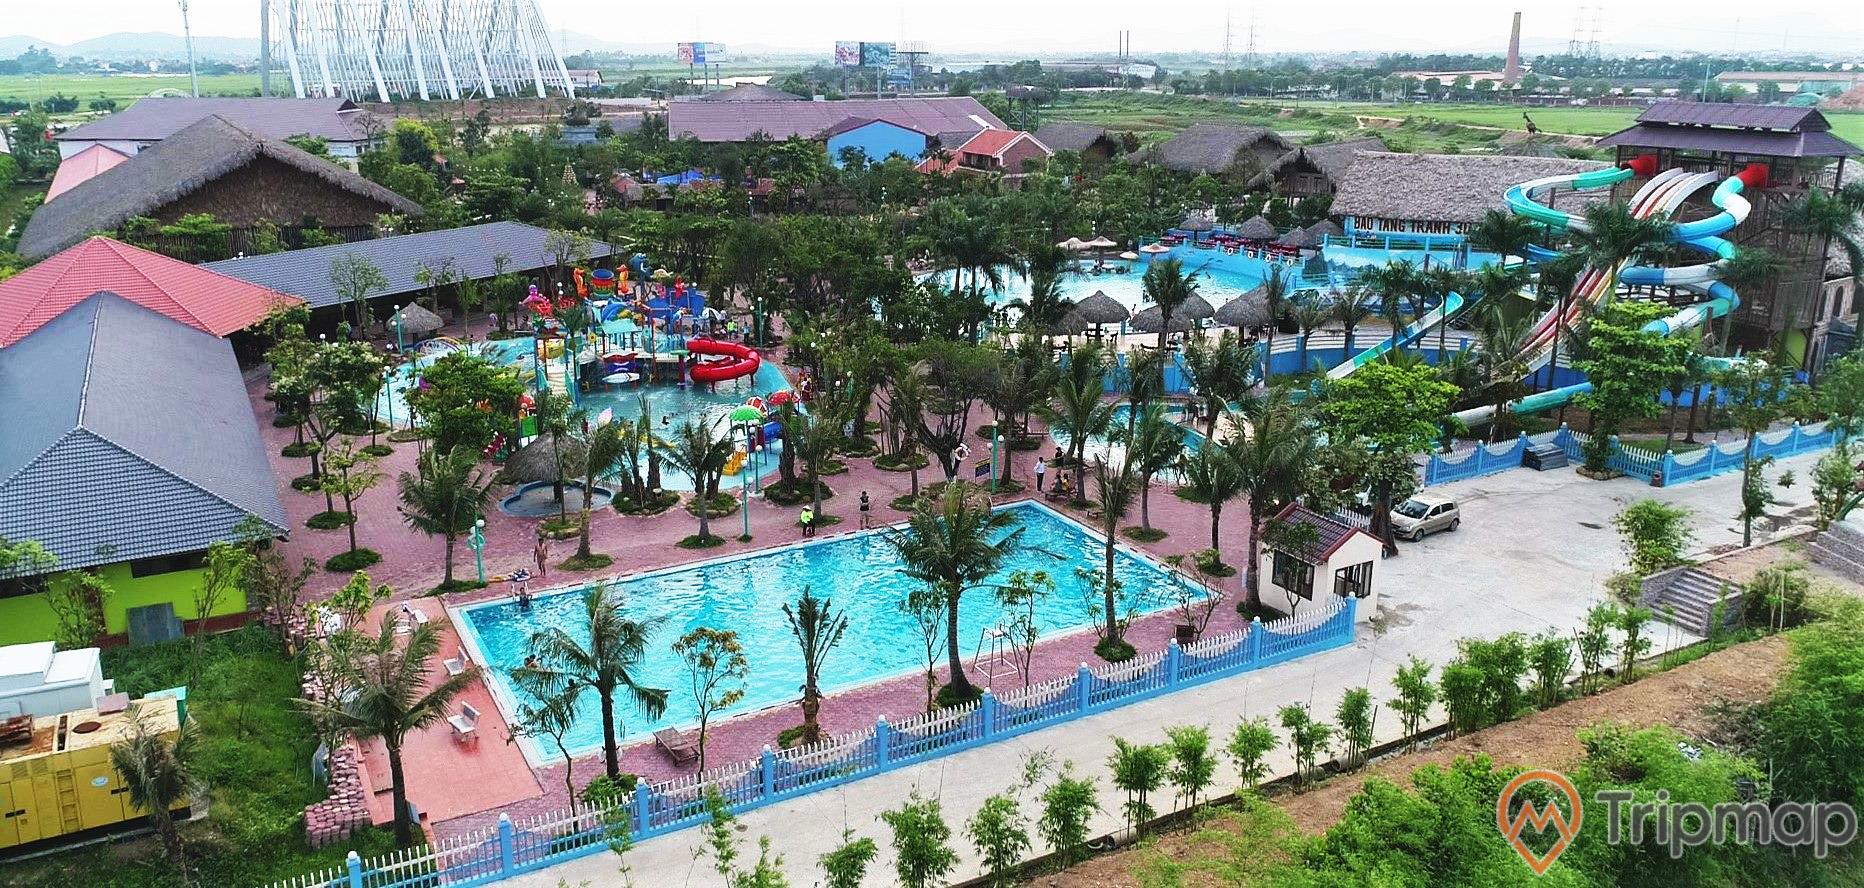 Khu công viên nước - một điểm vui chơi trong khu phức hợp giải trí tại Quảng Ninh Gate